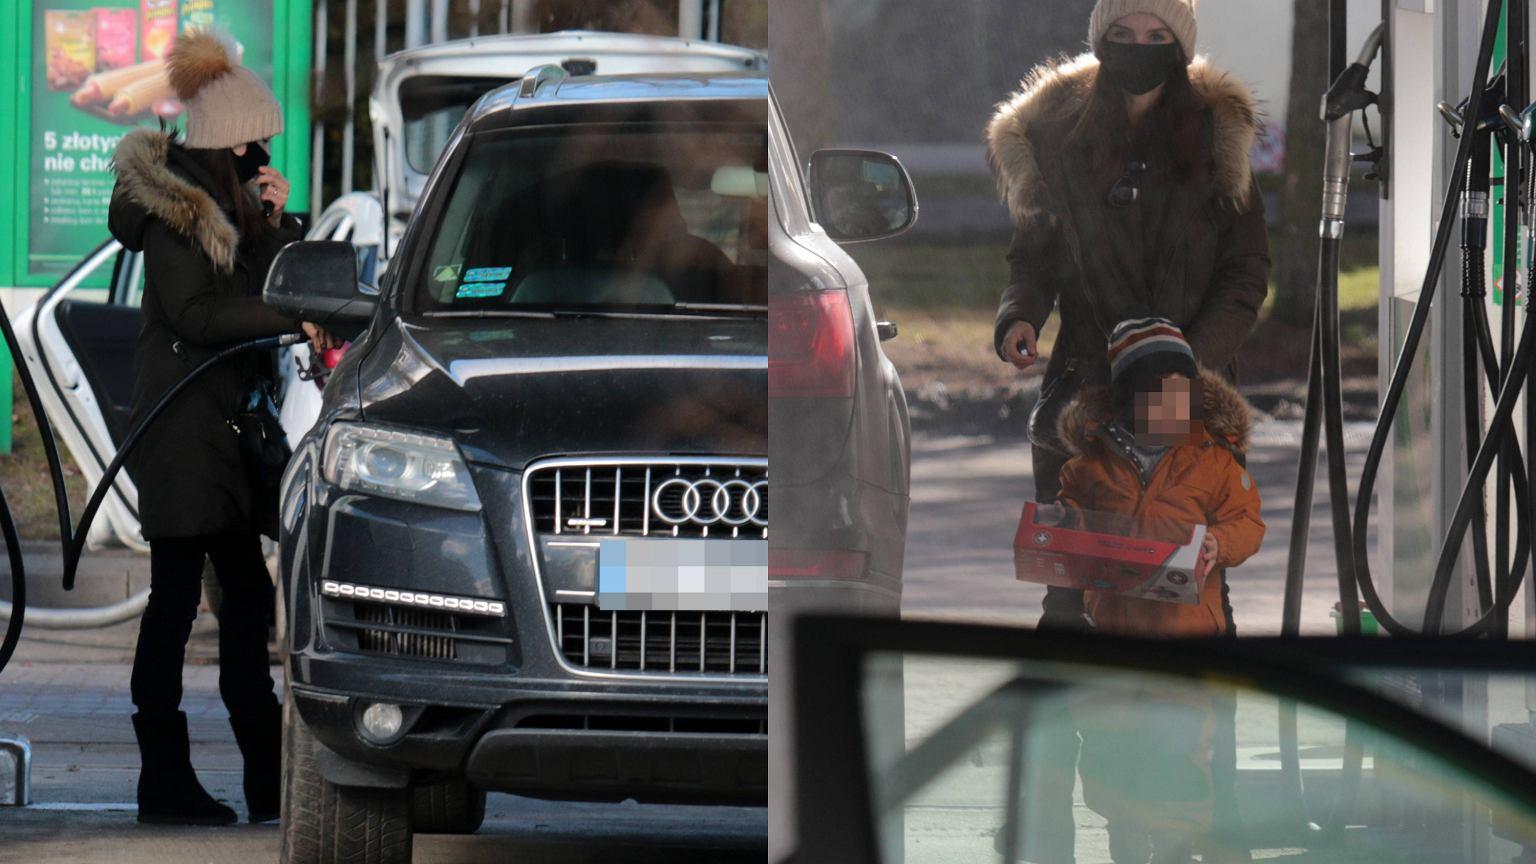 Paparazzi dopadli Martę Kaczyńską na stacji paliw. Auto robi wrażenie. My jednak patrzymy na jej syna. Stanisław wyrósł